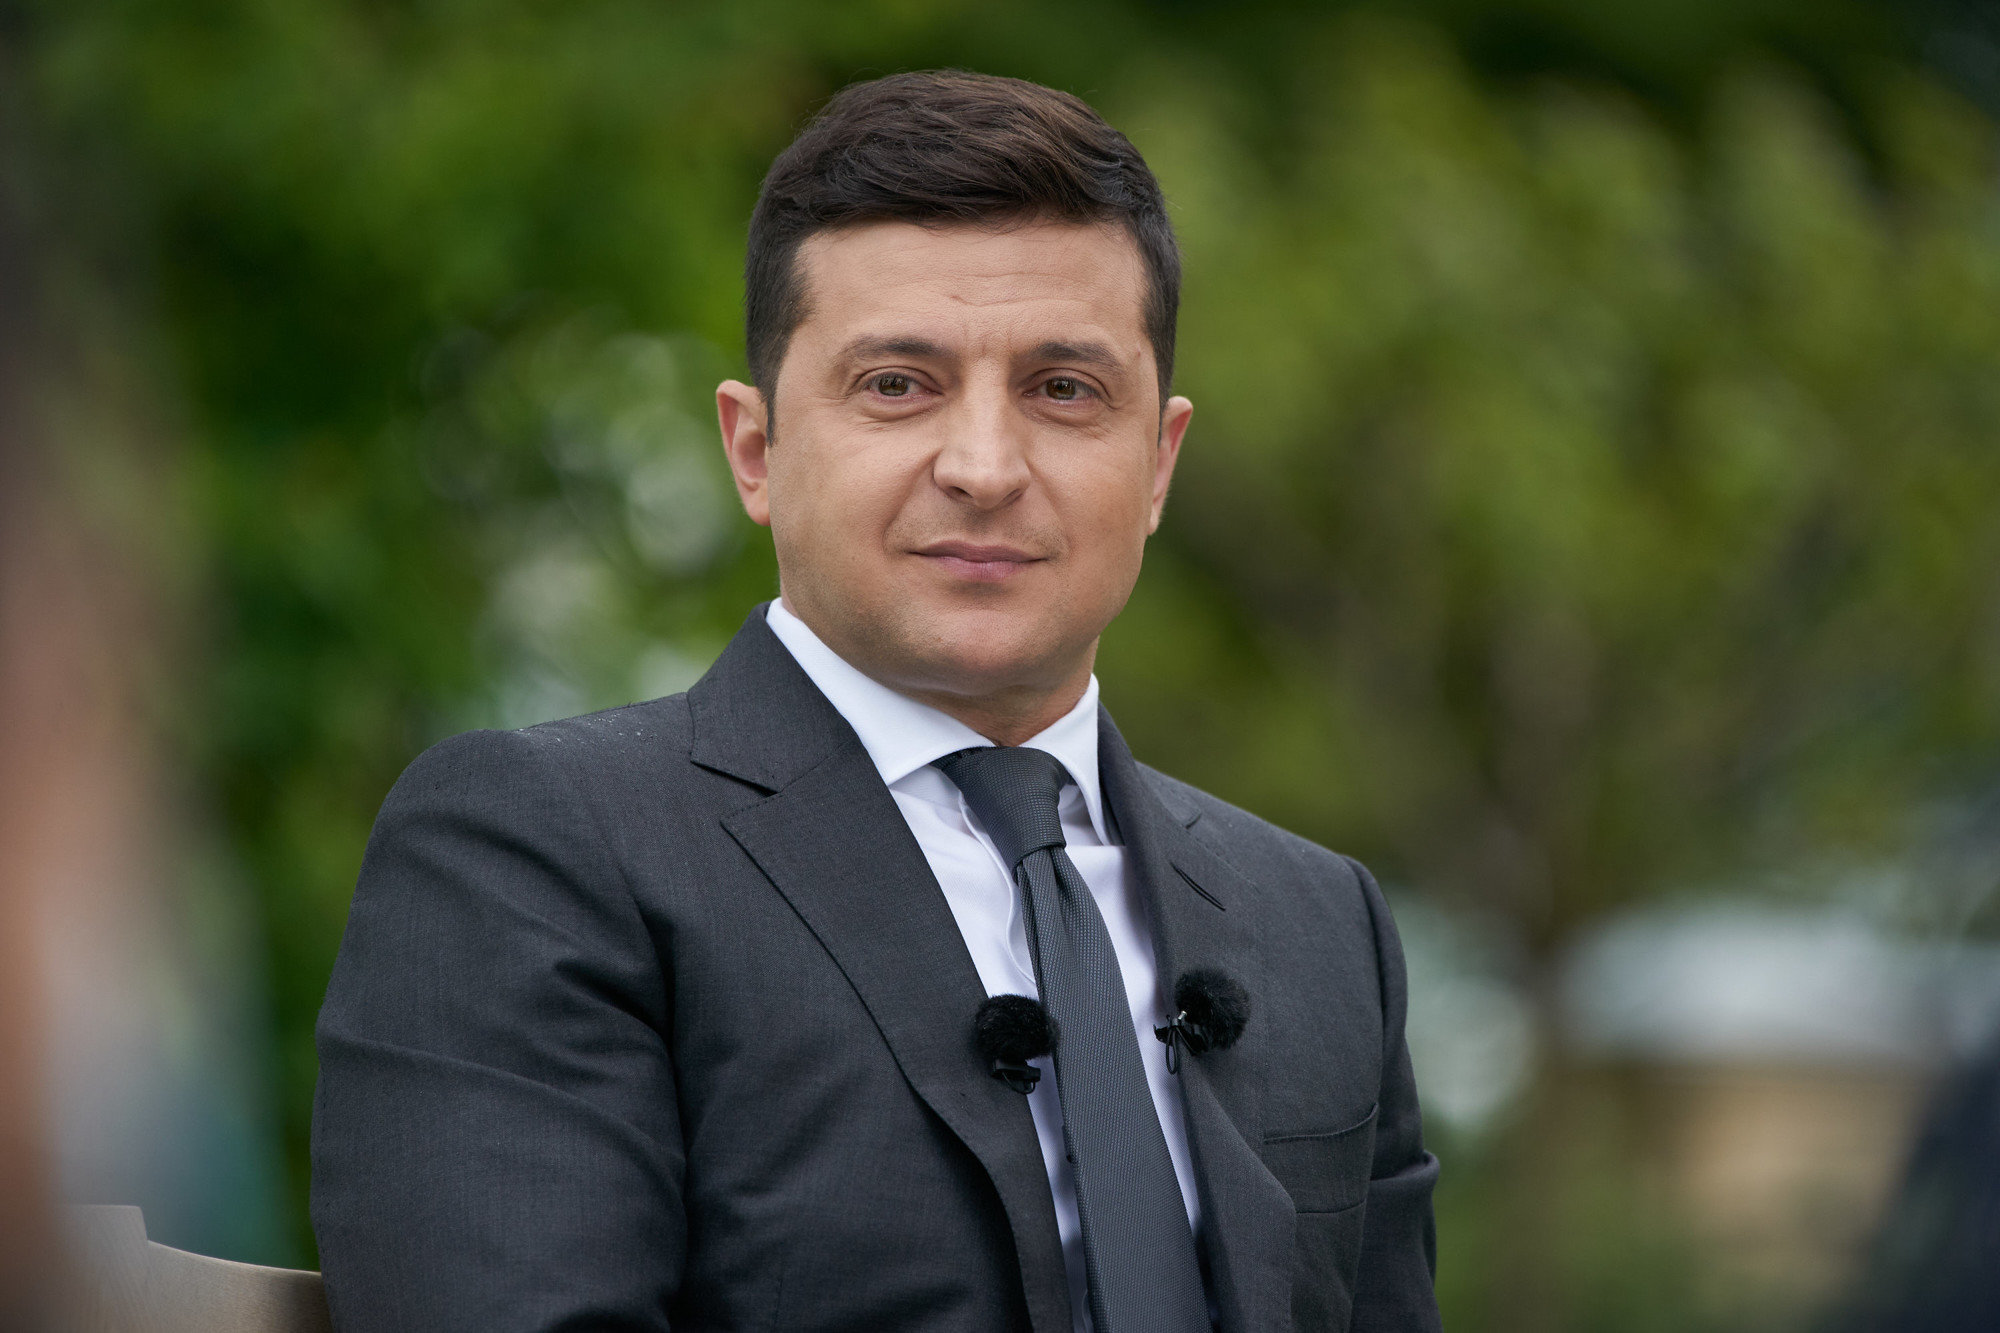 Зеленский задекларировал 4,5 миллиона гривен